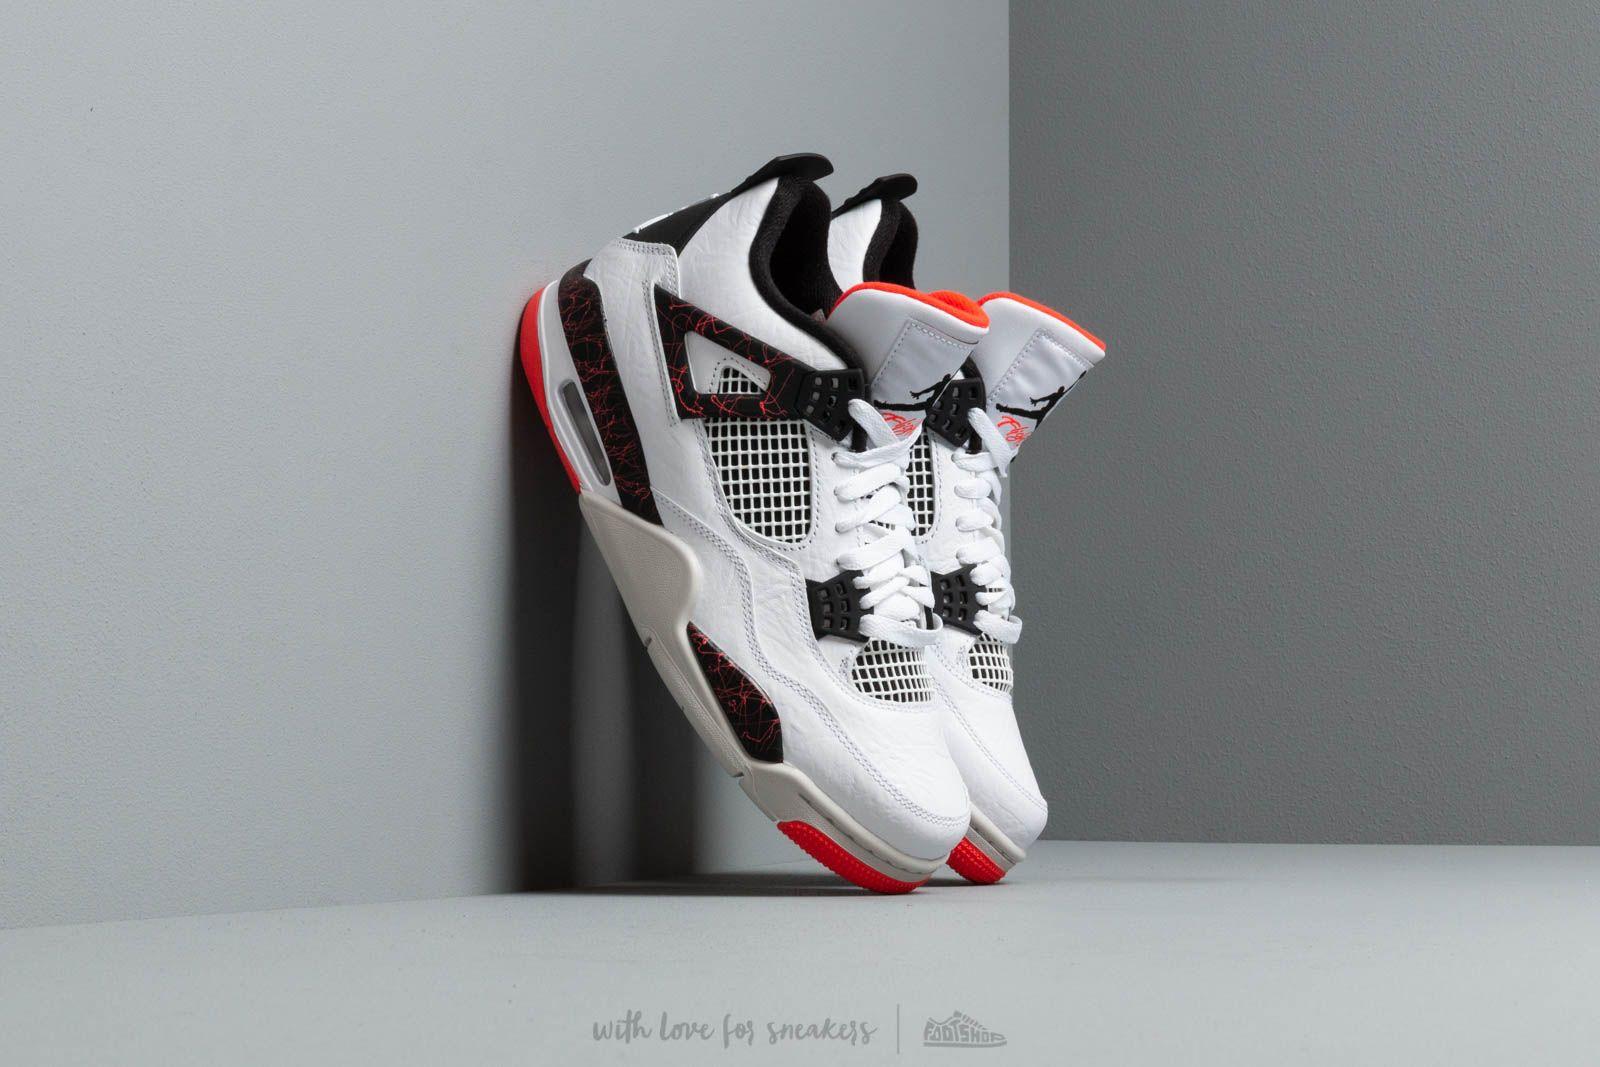 fca1b349fe5 Air Jordan 4 Retro White  Black-Bright Crimson a muy buen precio 181 €